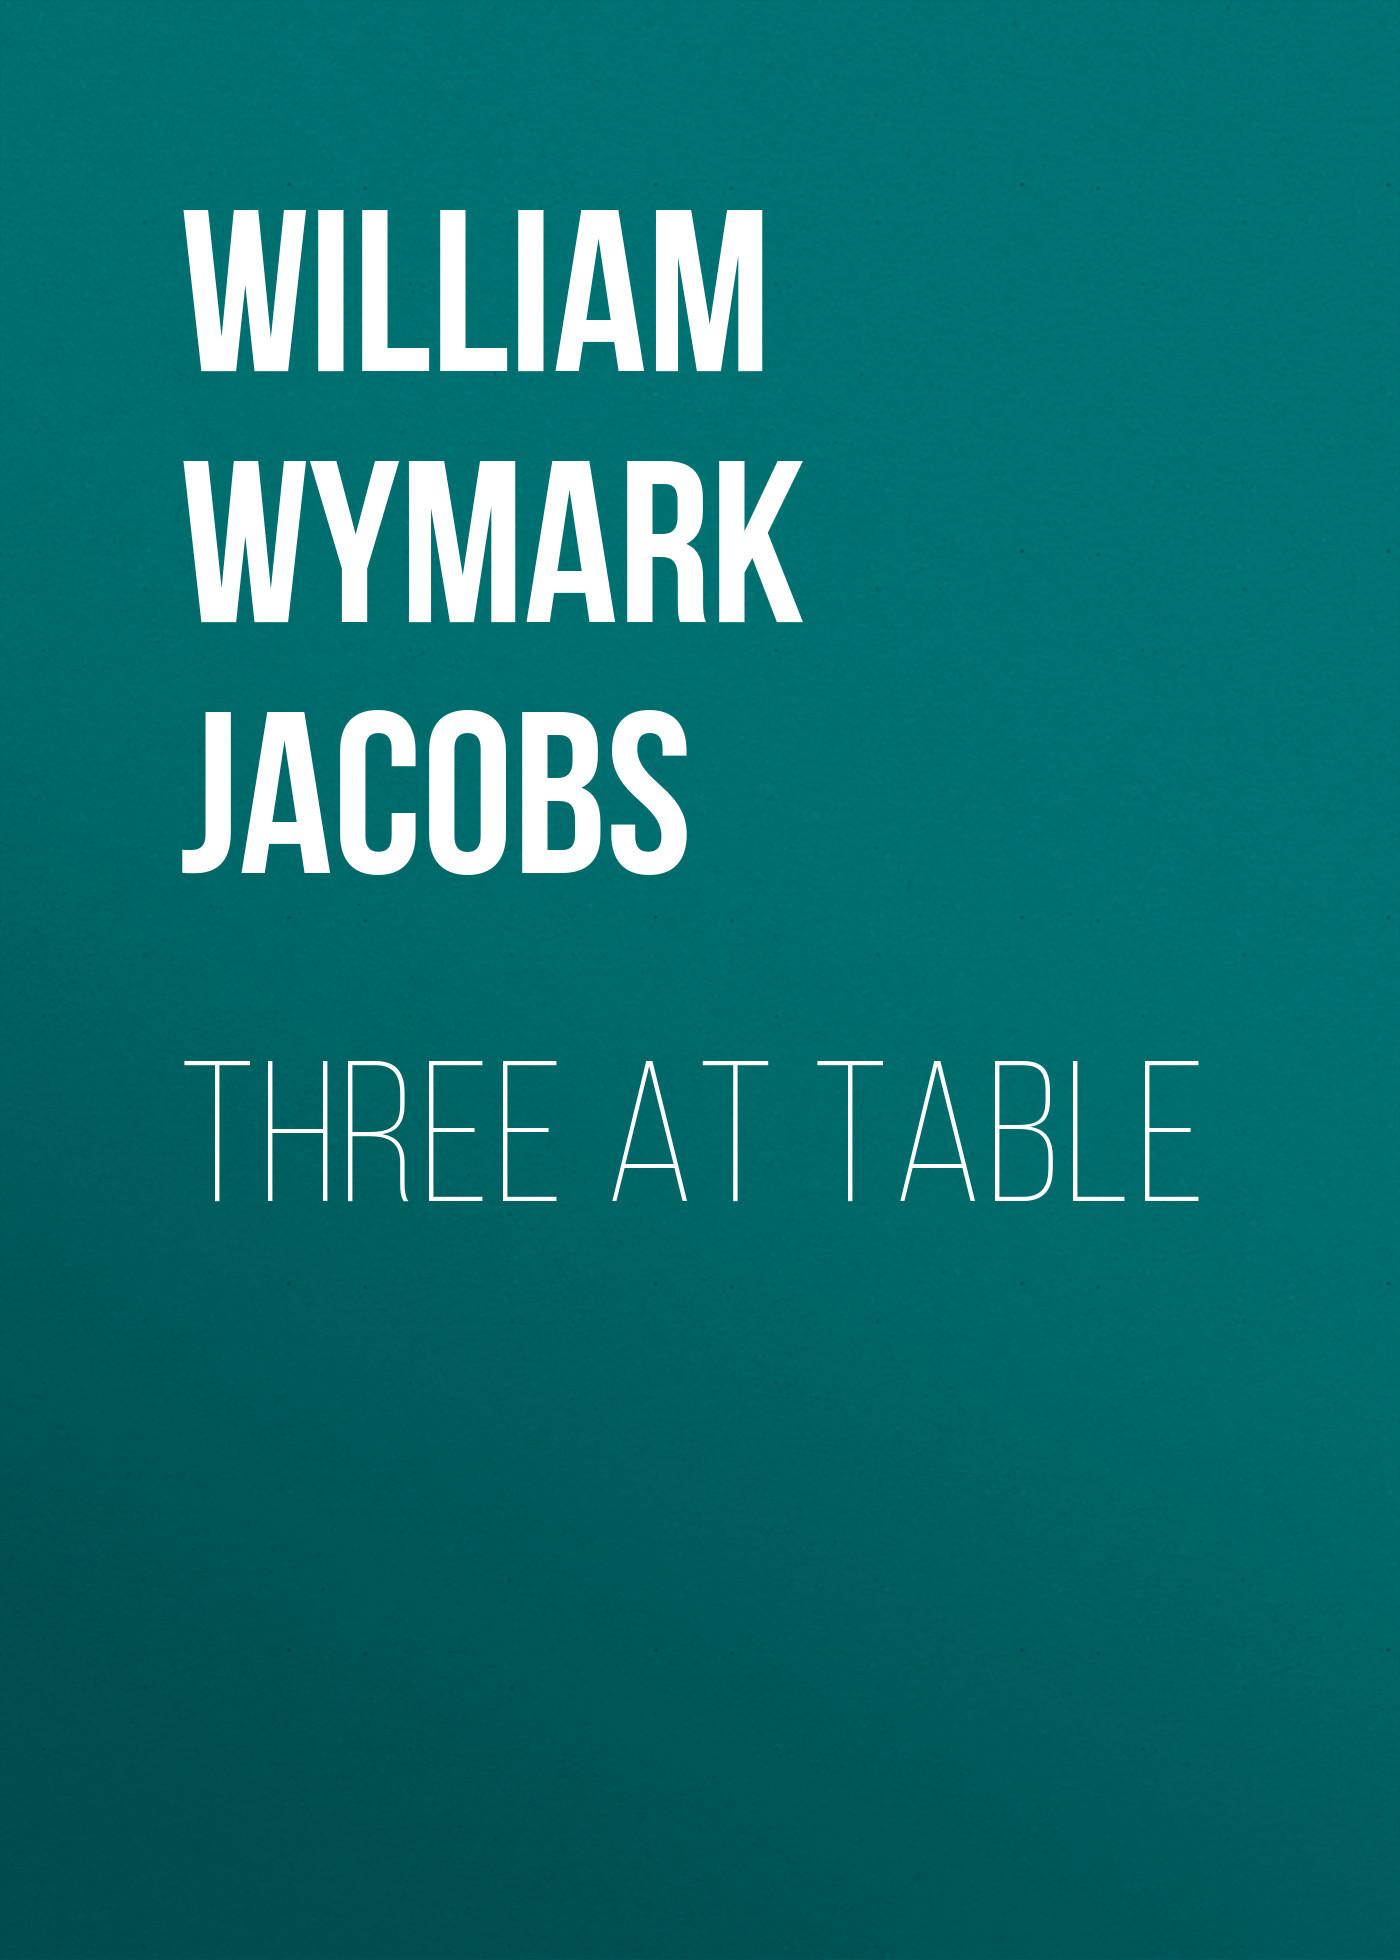 William Wymark Jacobs Three at Table